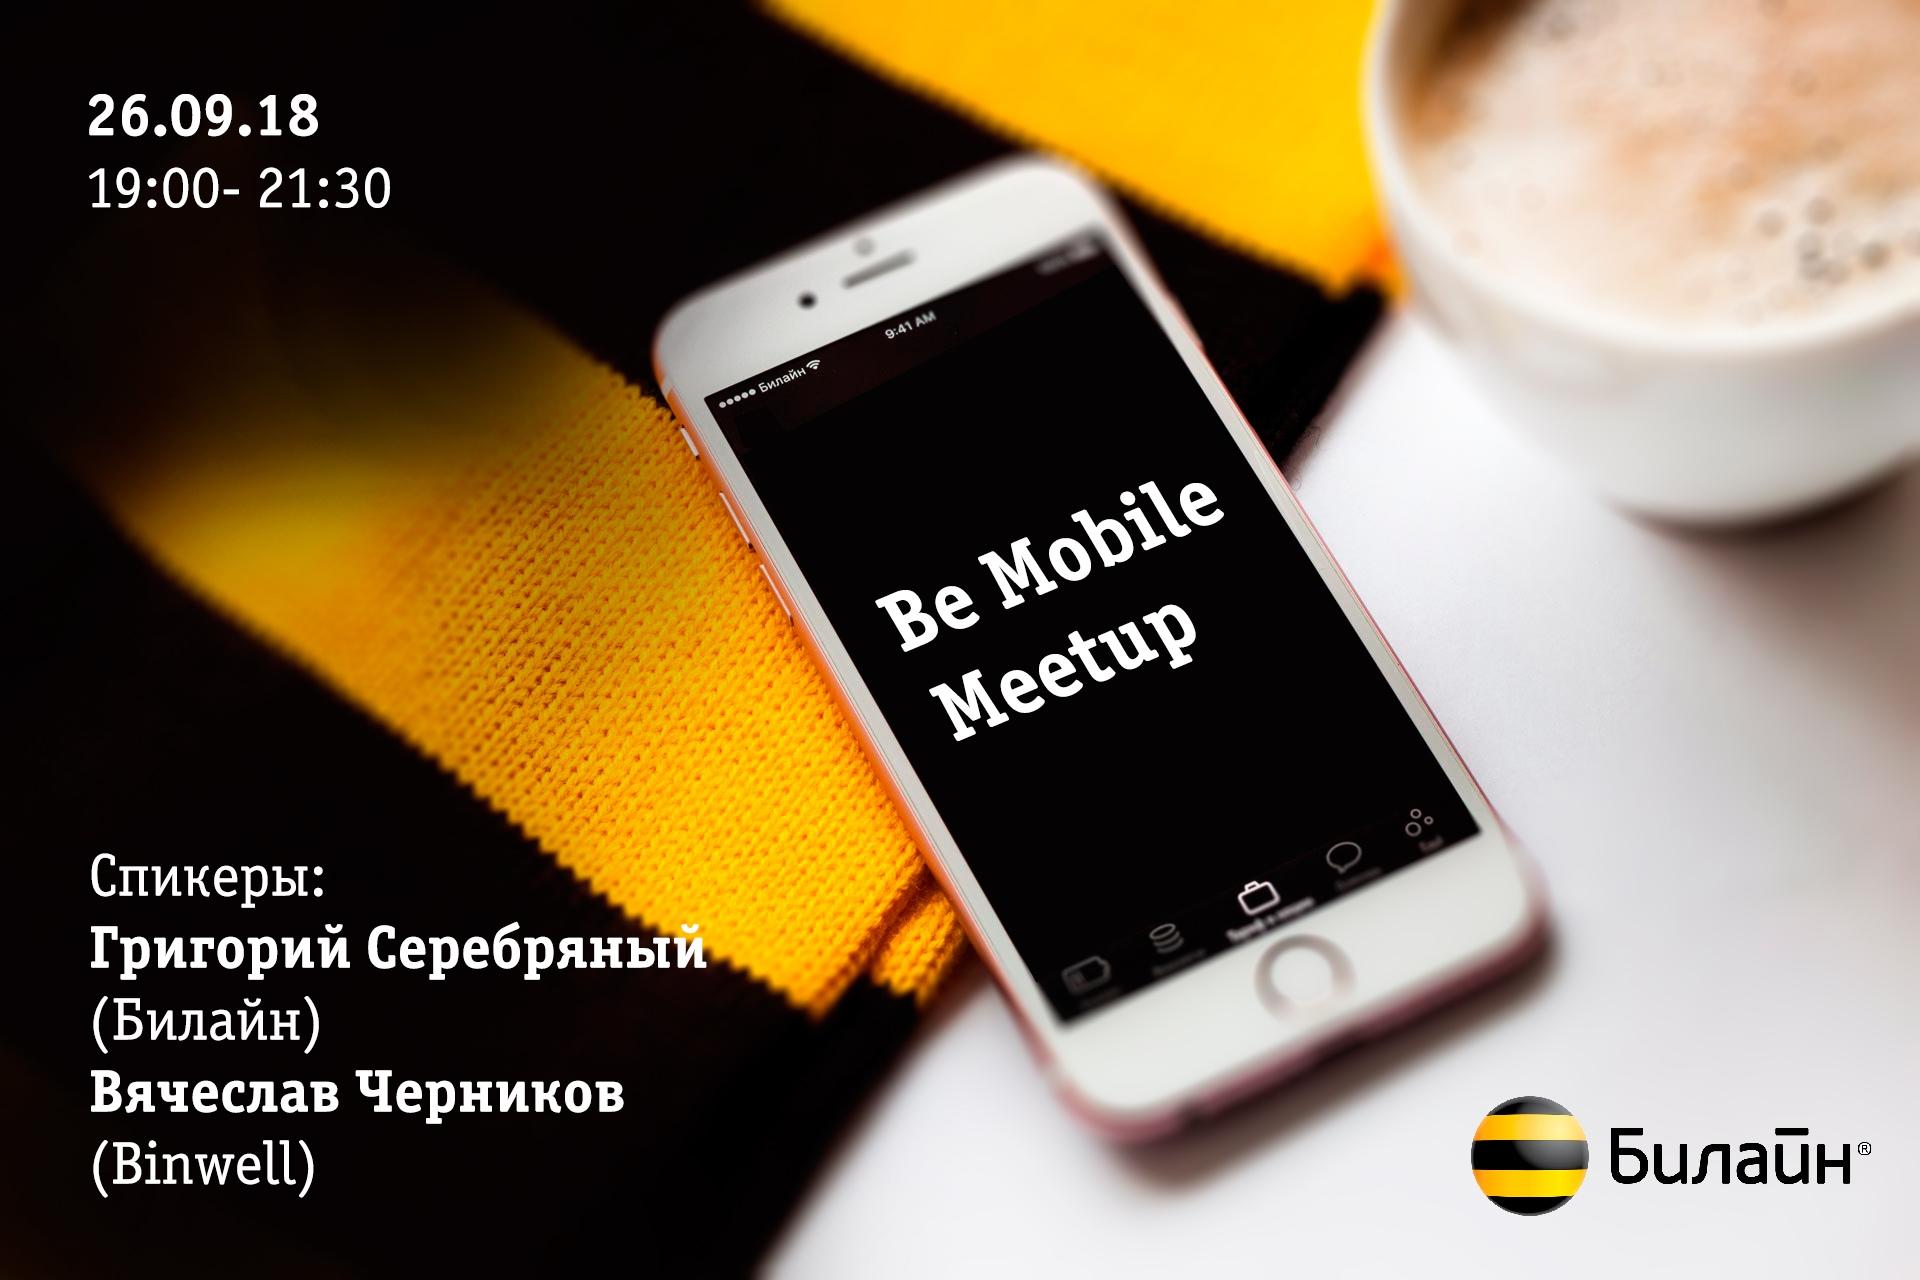 Билайн проводит митап мобильных разработчиков Be Mobile